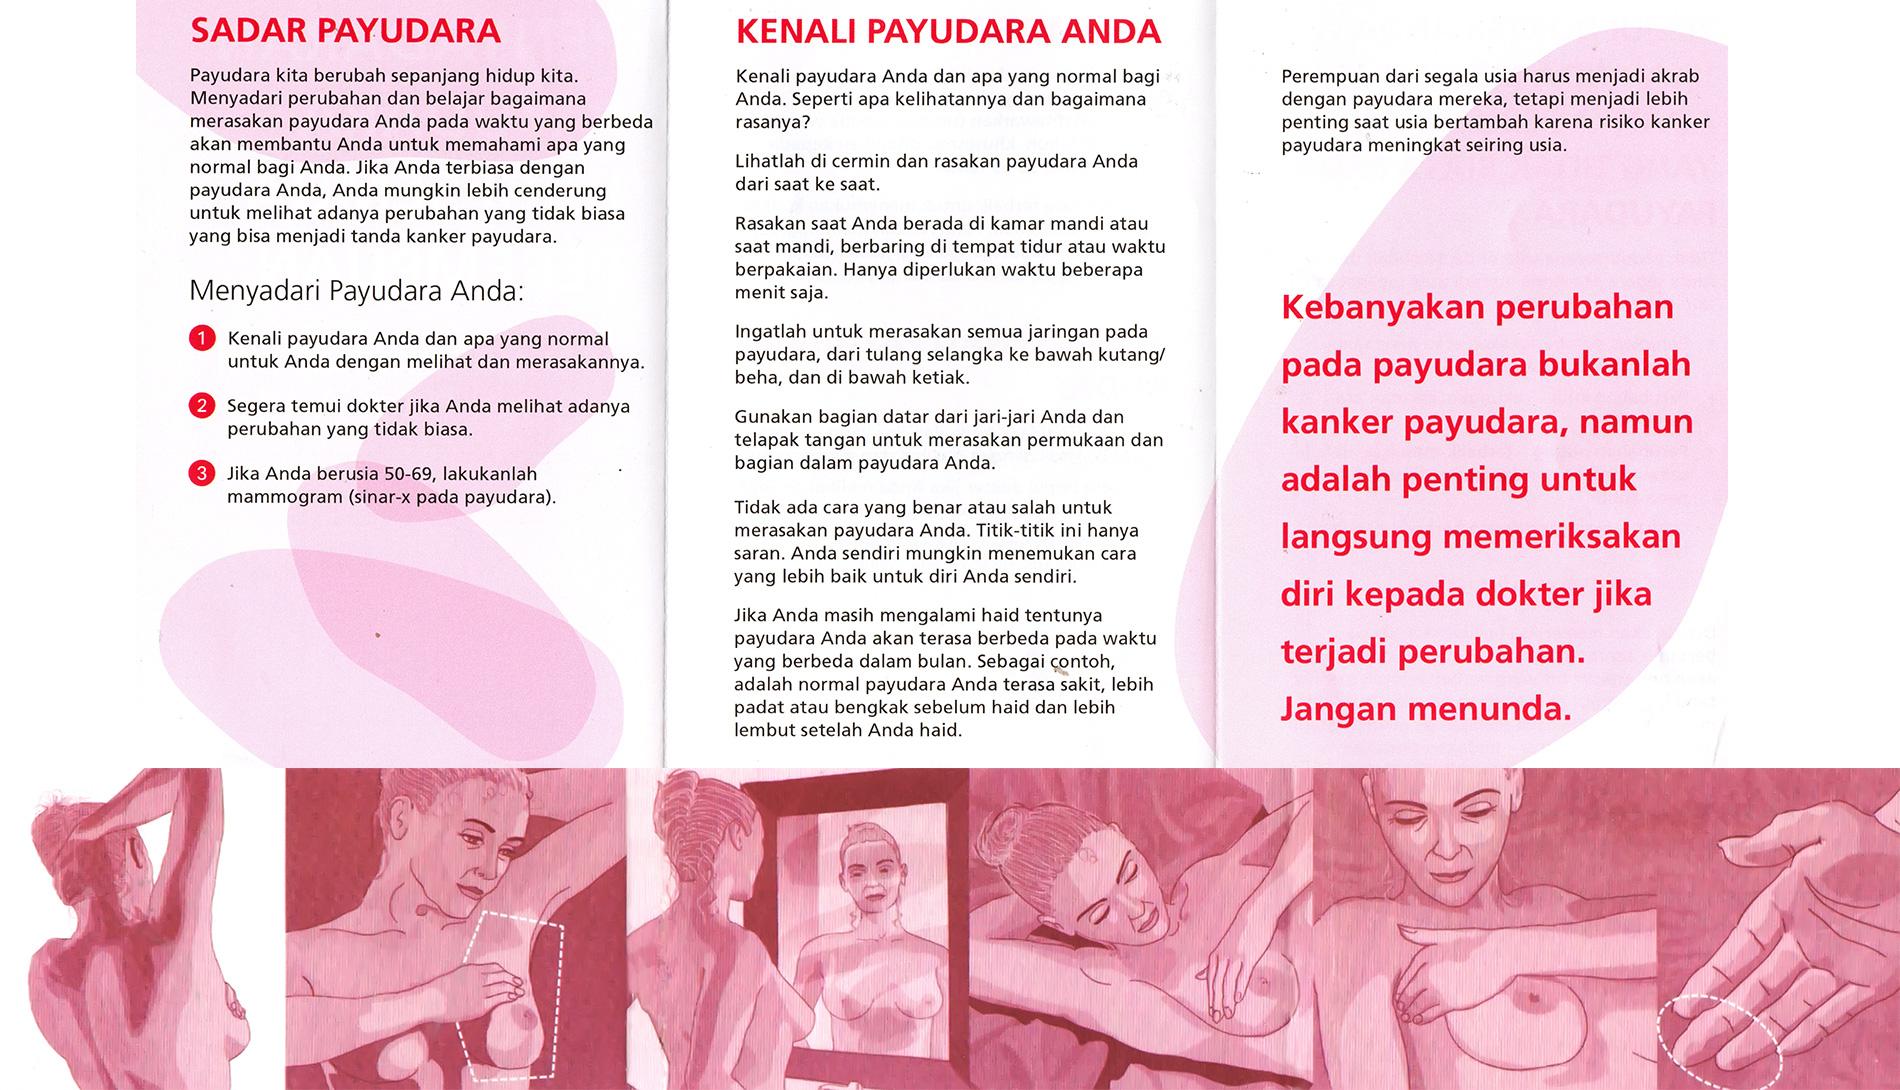 Bali Pink Ribbon 5 Tanda Kesadaran Payudara Bali Pink Ribbon